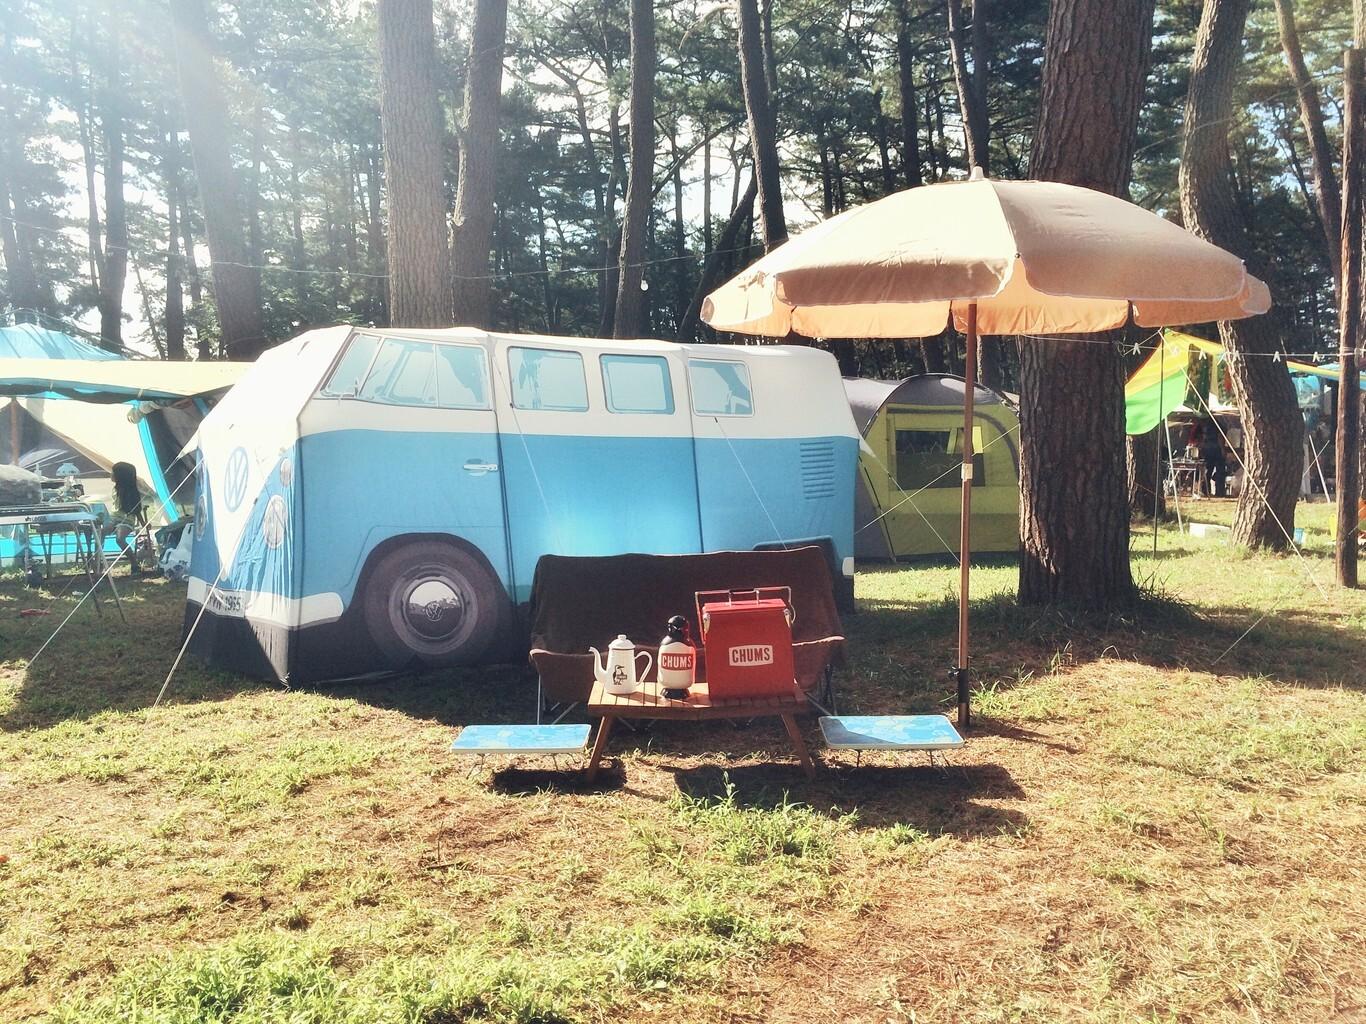 西浜コテージ村・キャンプ場 の写真p6402